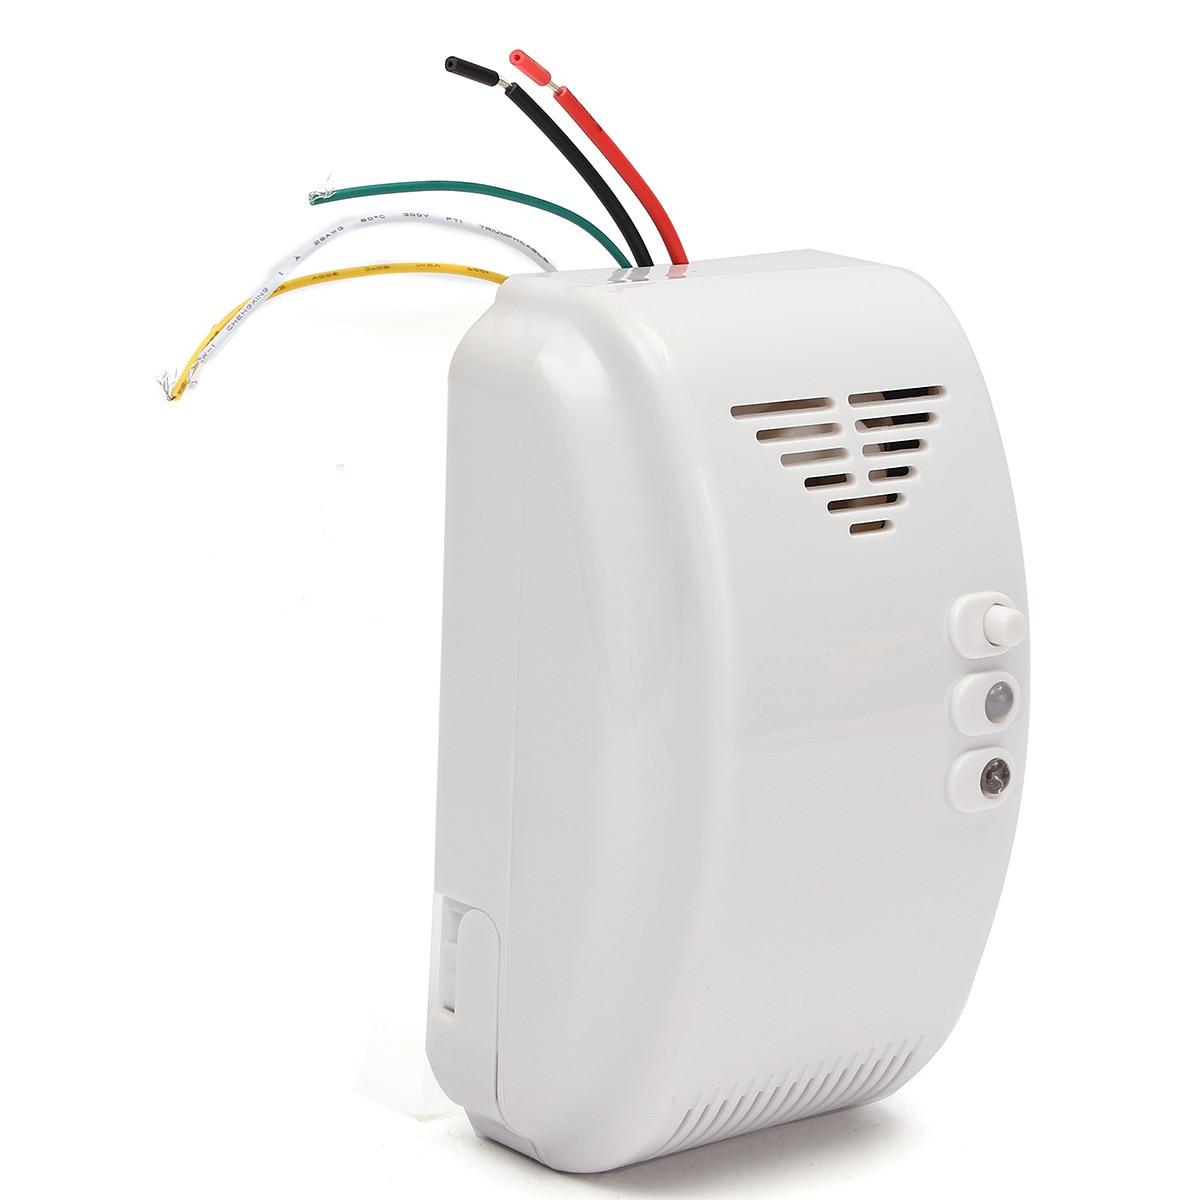 ESCAM 12V Gas Detector Sensor Alarm Propane Butane LPG Natural Motorhome For Home Alarm System Security enlarge